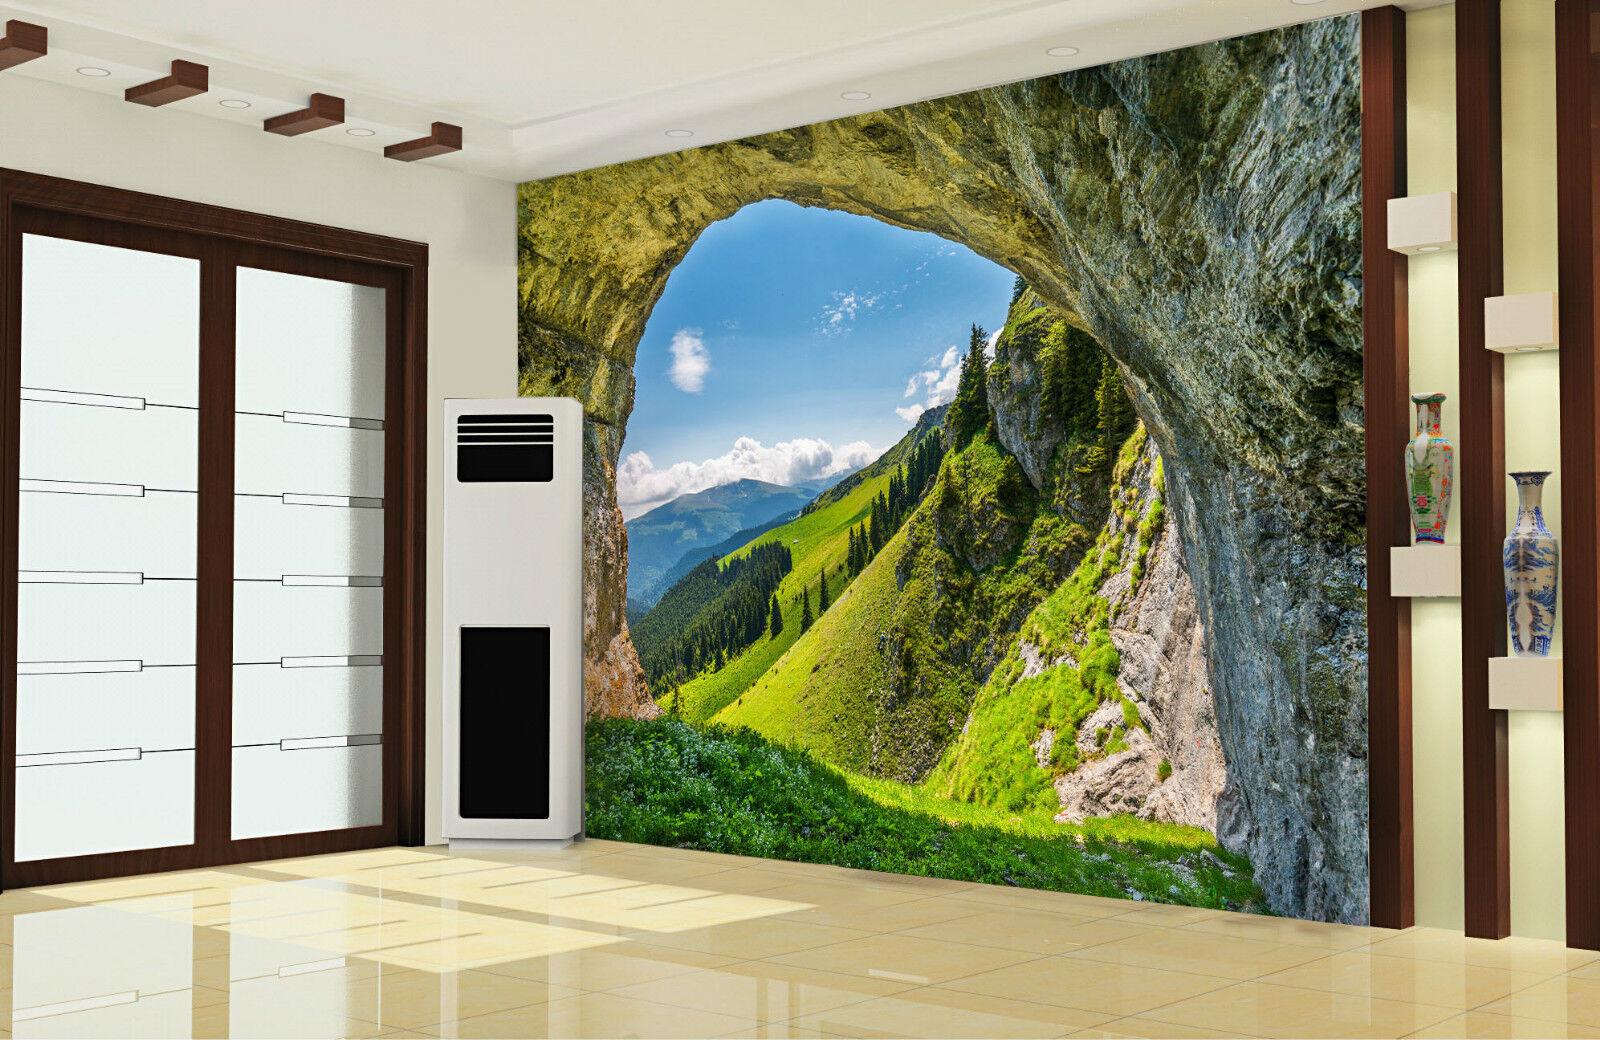 3D Wo der Bestee sightseeing 1 Fototapeten Wandbild Fototapete BildTapete Familie